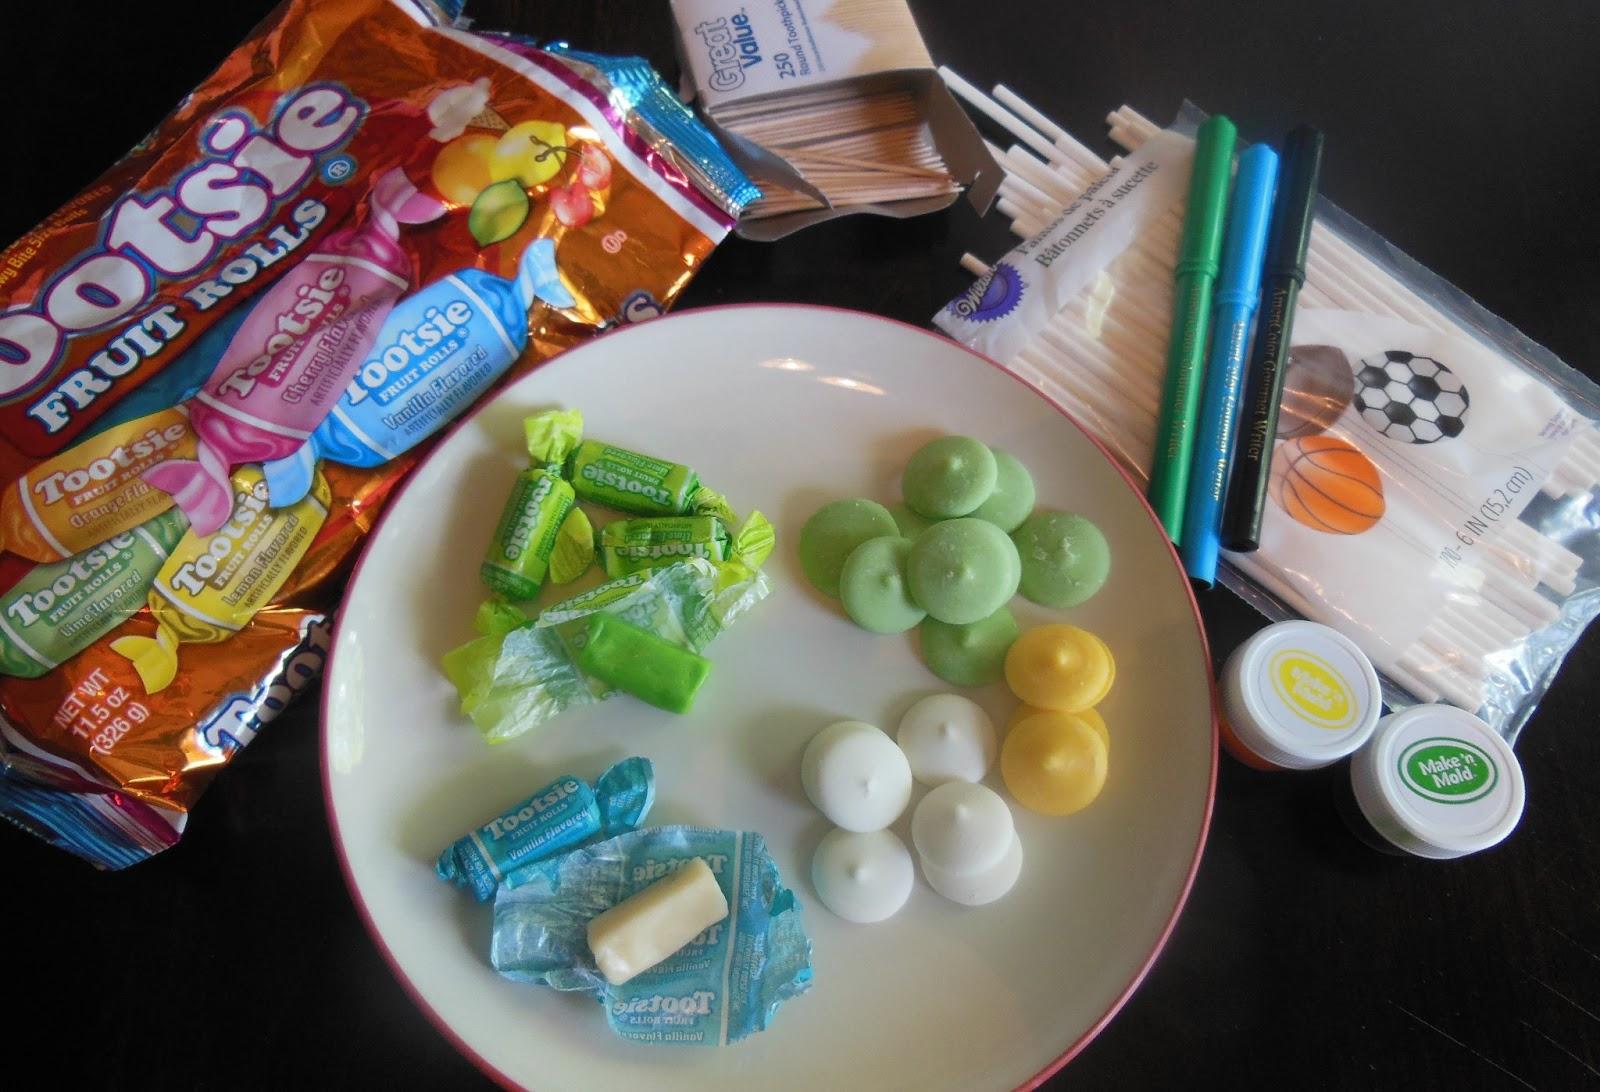 Mike Wazowski Cake Pop Kit